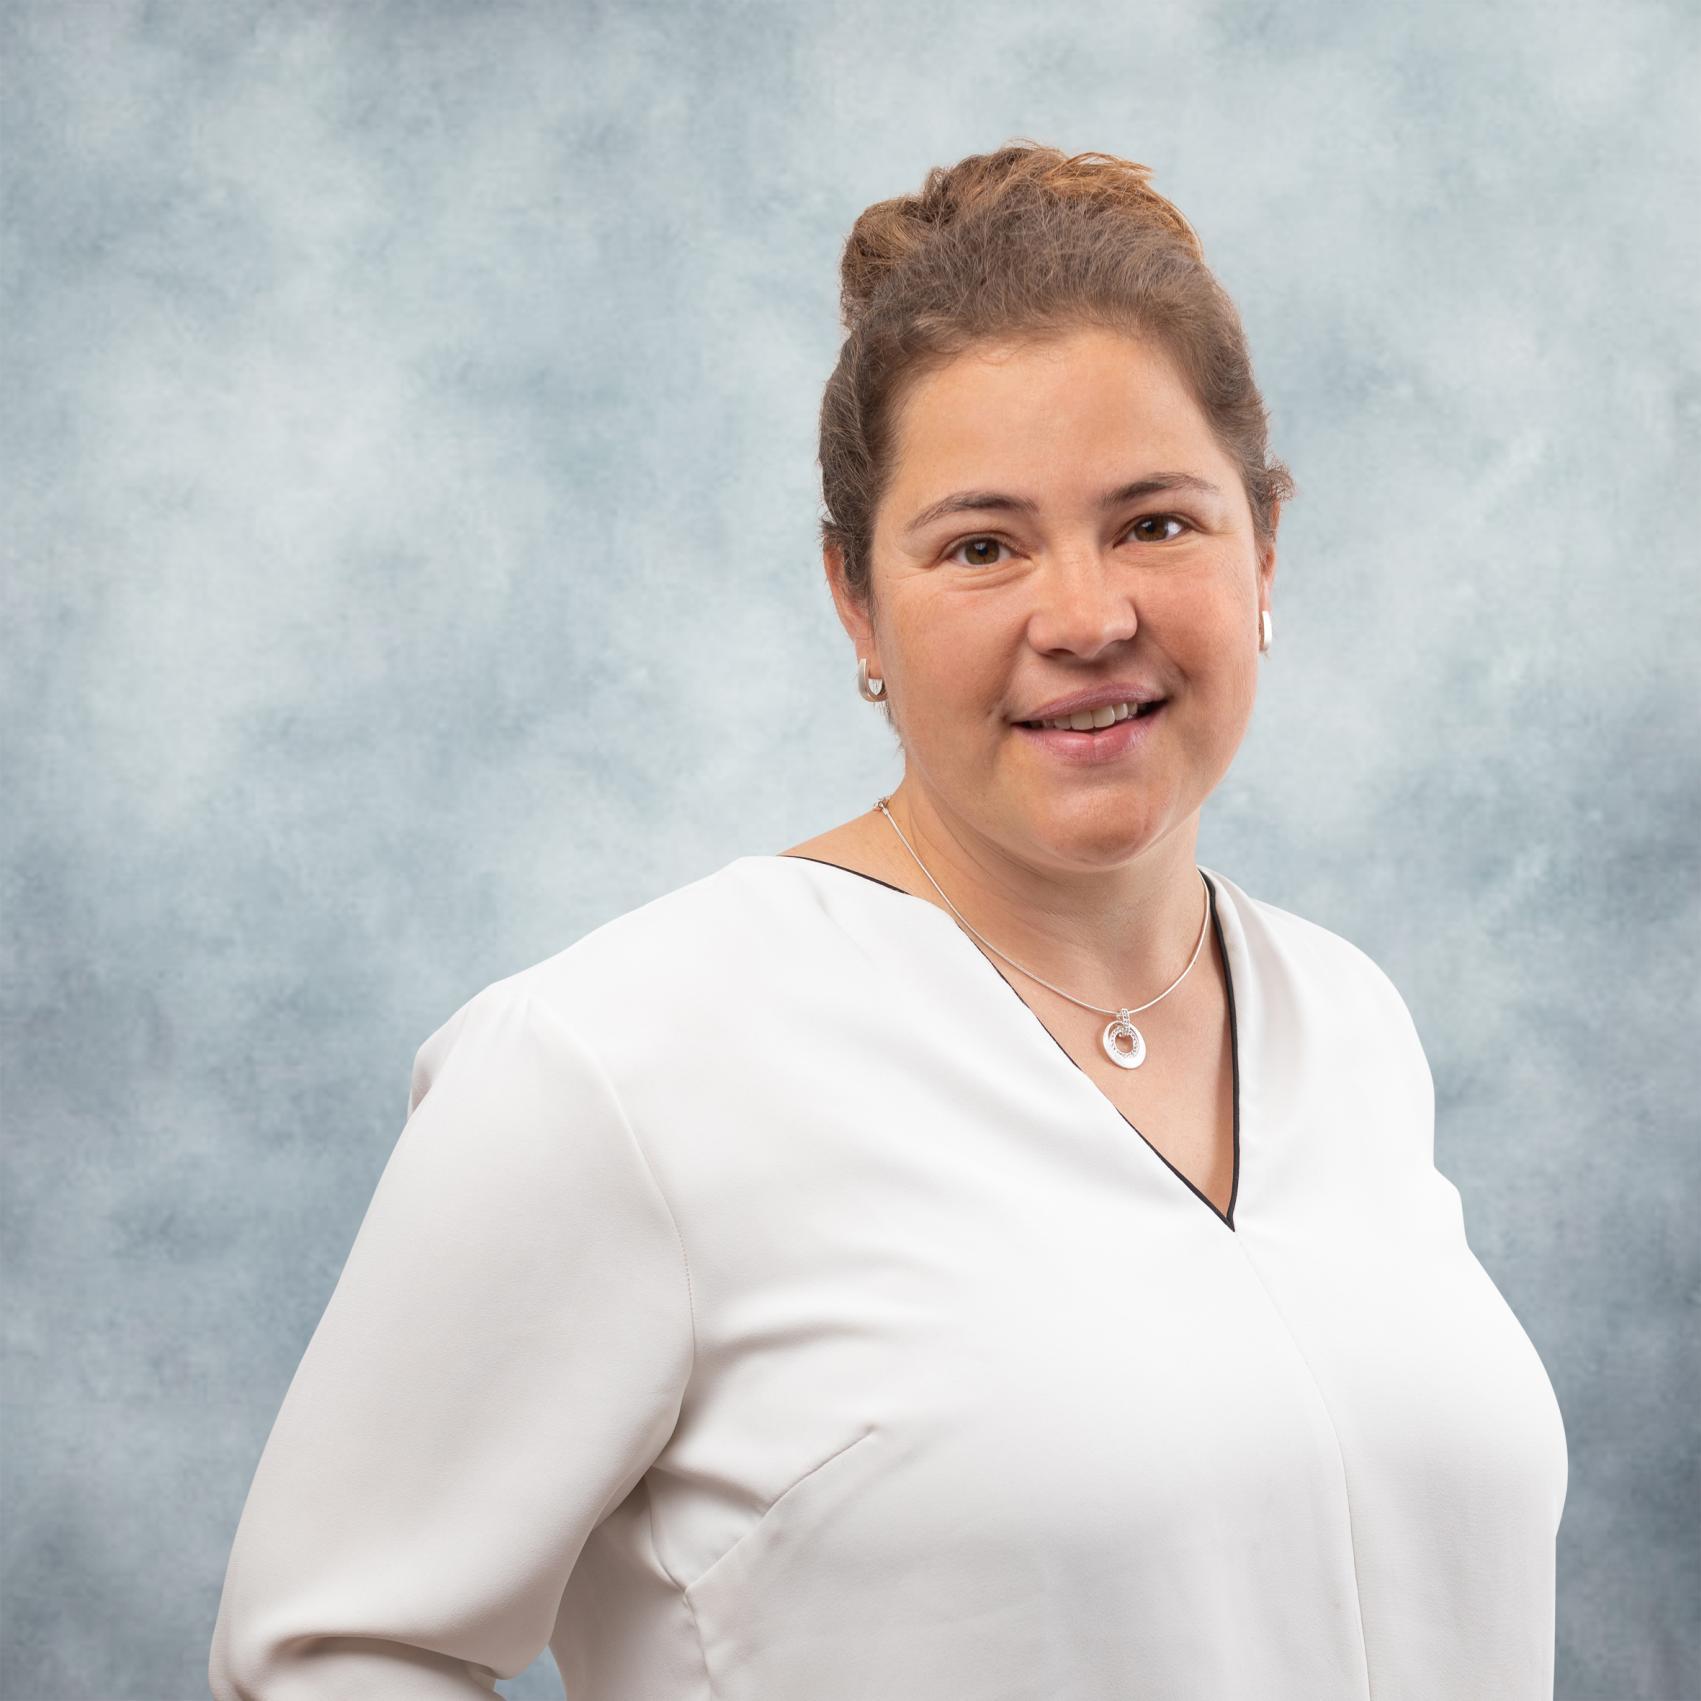 Dr. med. Eva Dunau - Strahlentherapie Appenweier